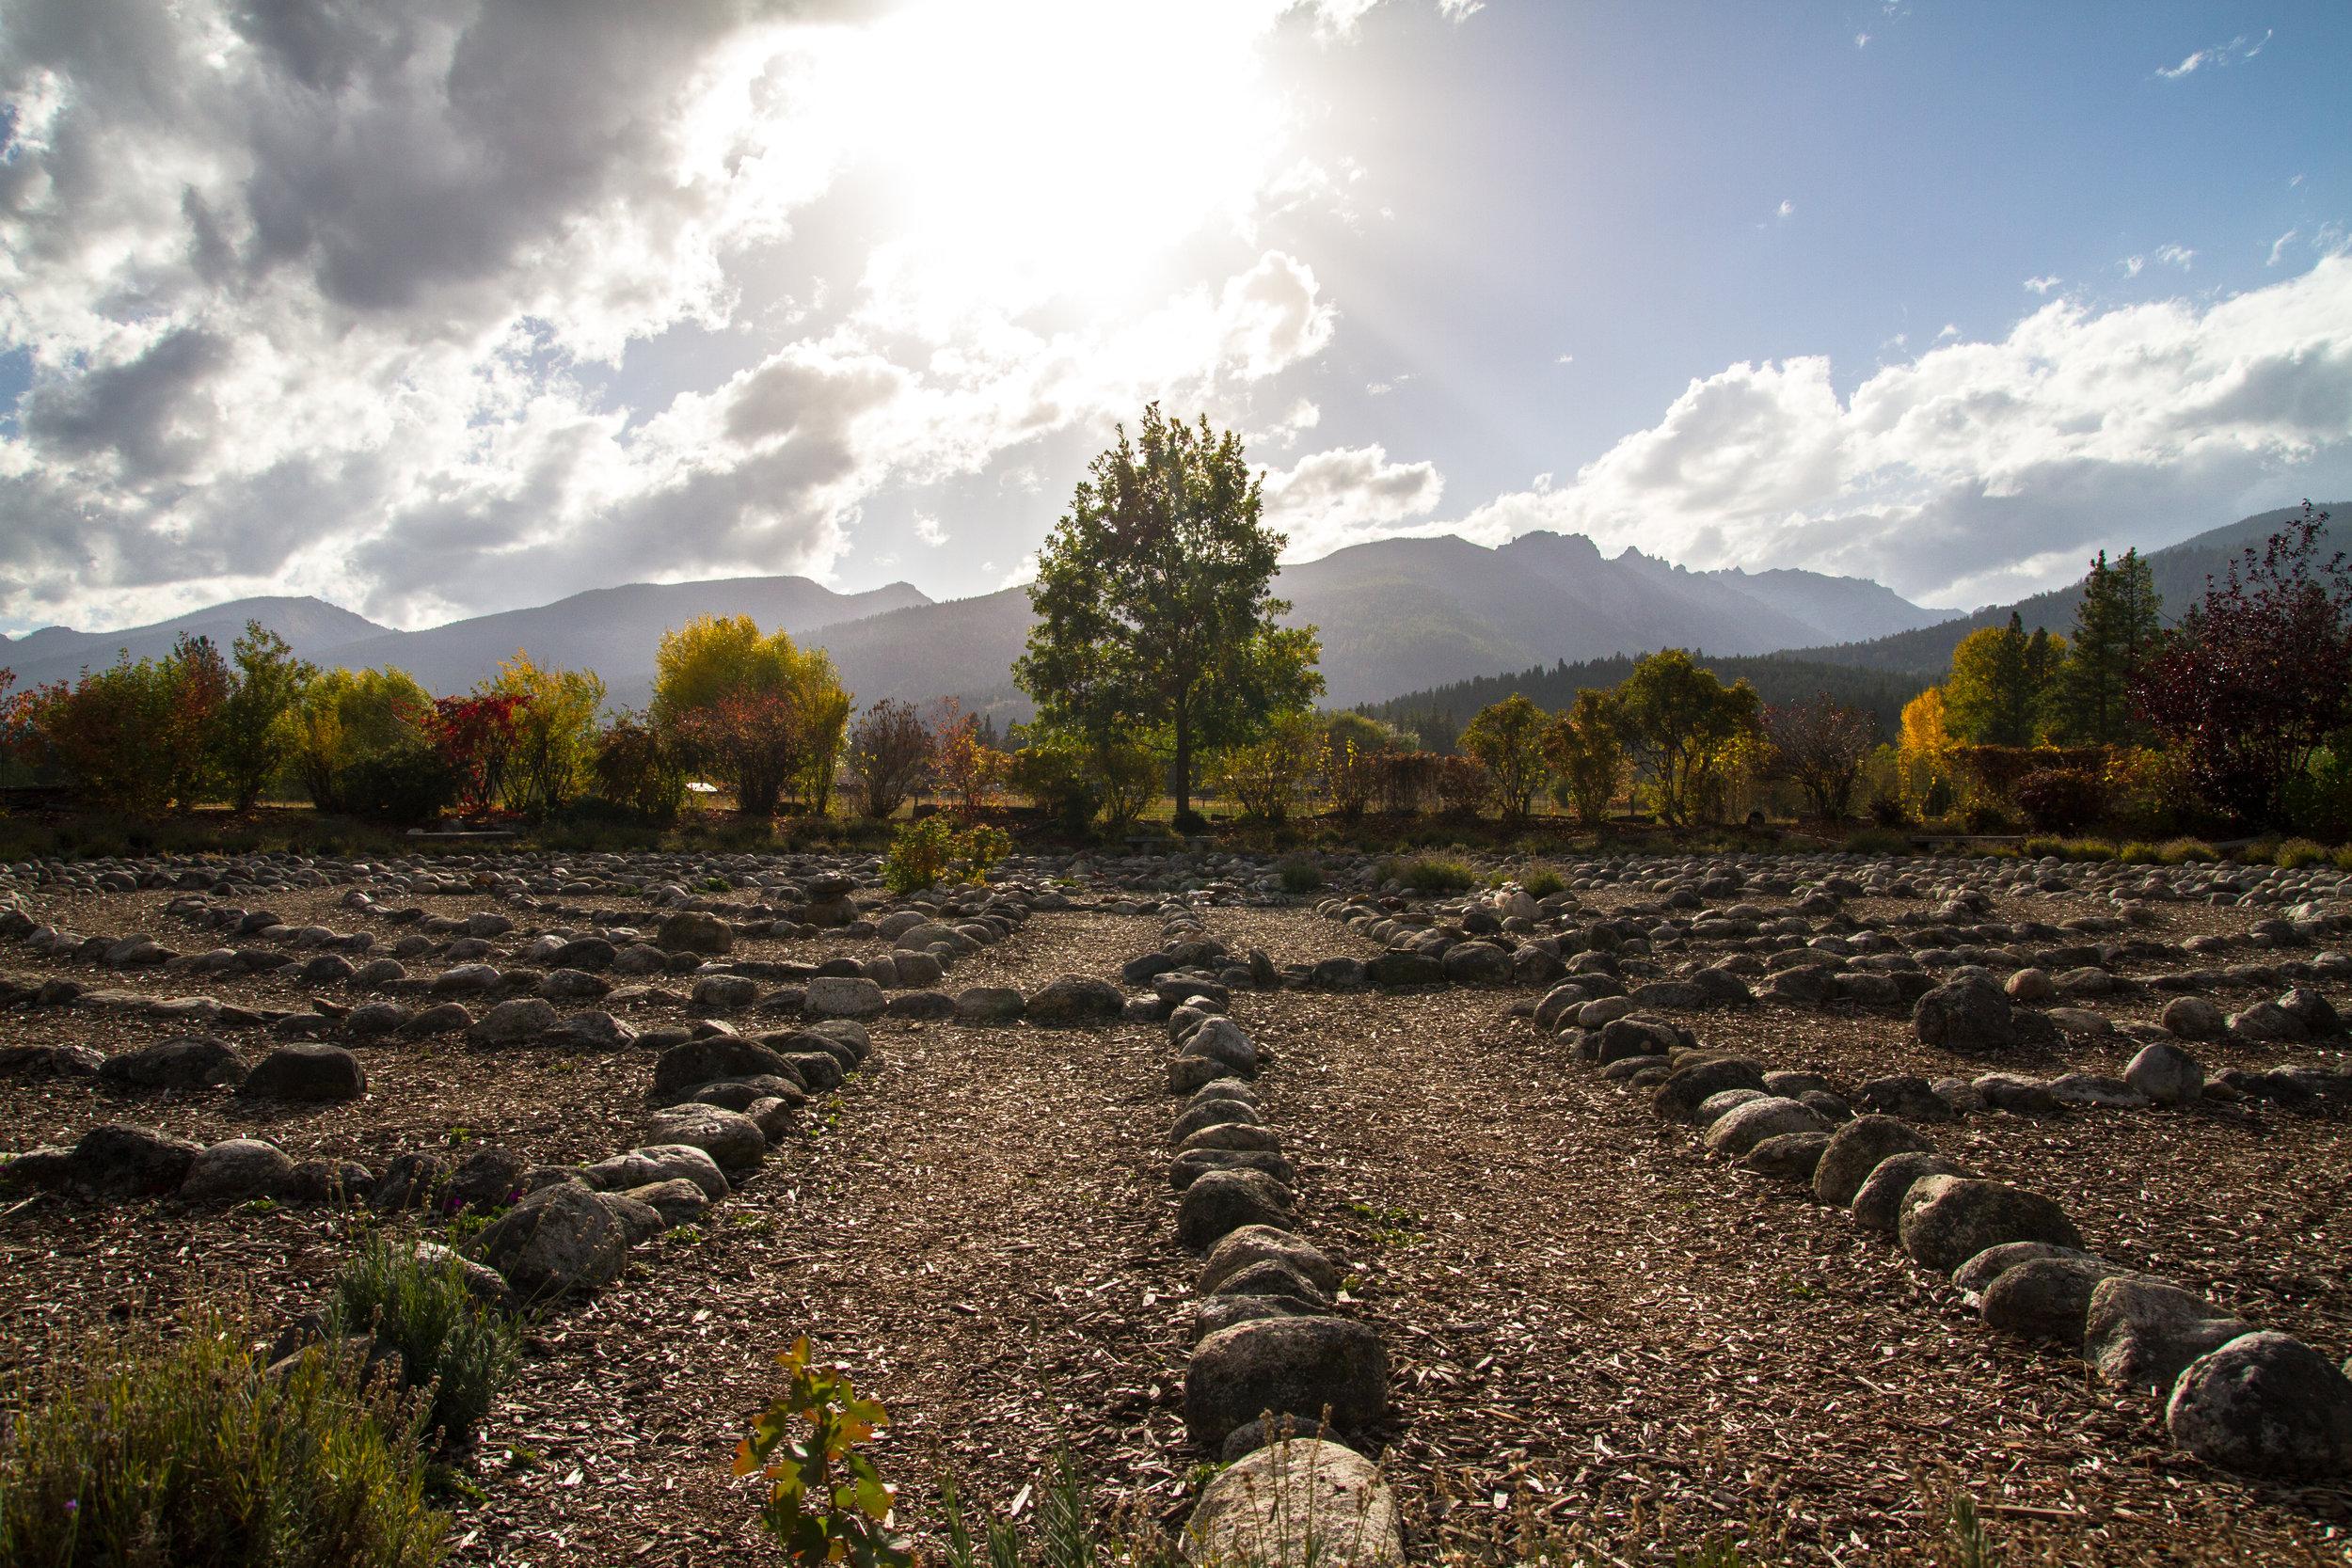 Getting Spiritual in Montana